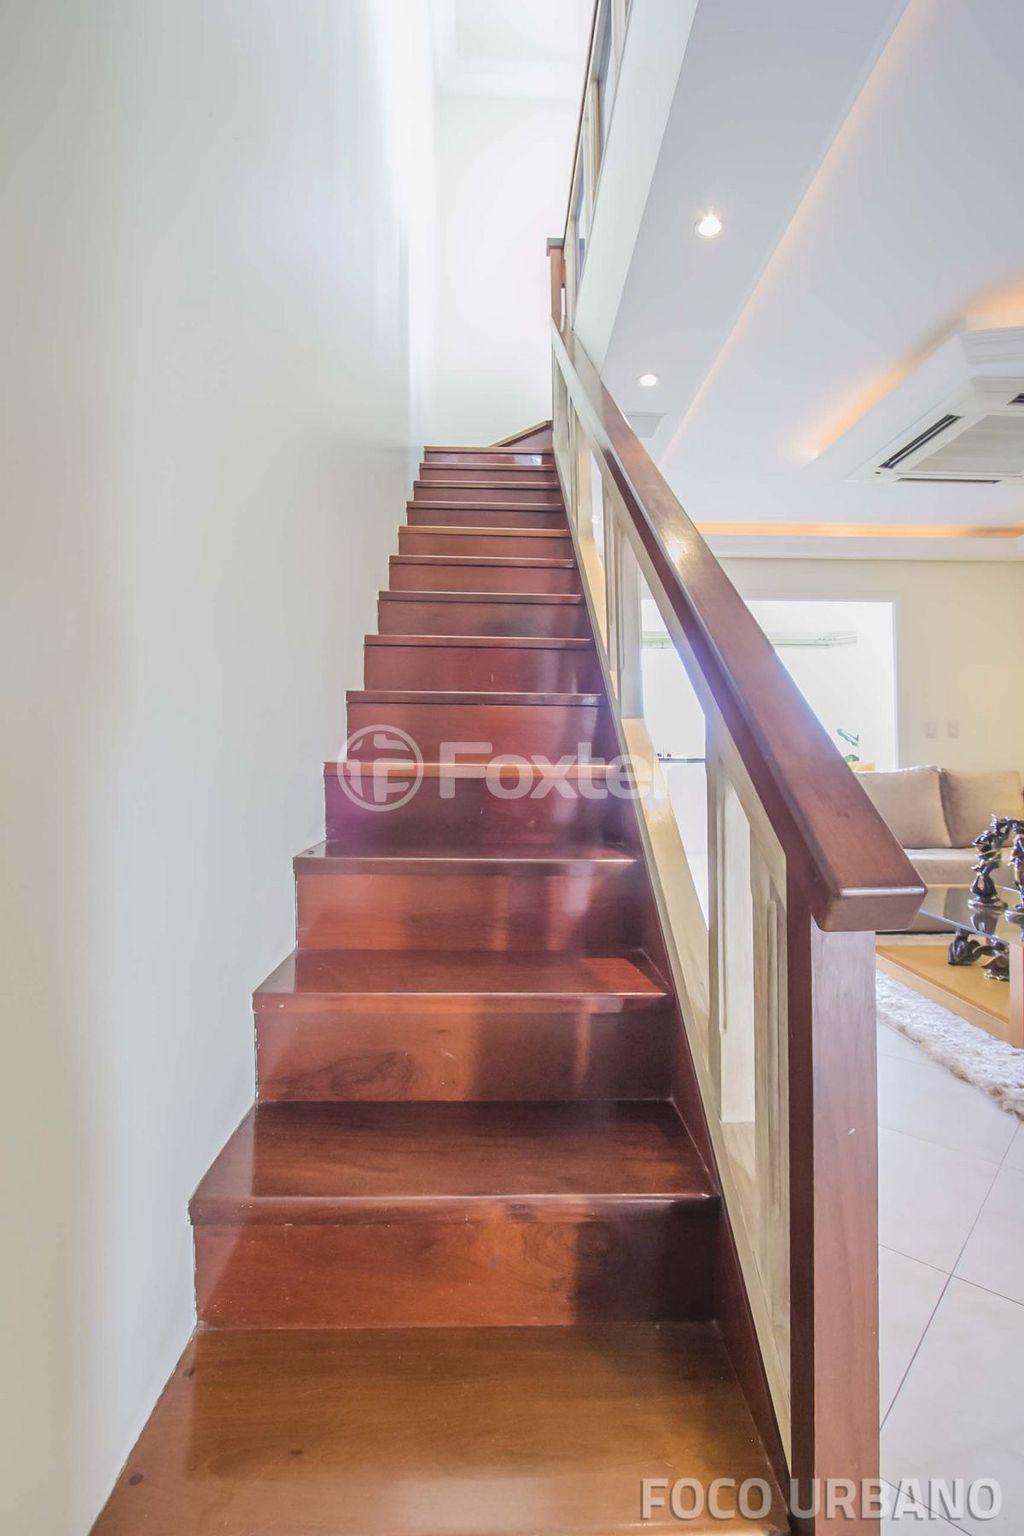 Foxter Imobiliária - Cobertura 3 Dorm (131617) - Foto 23